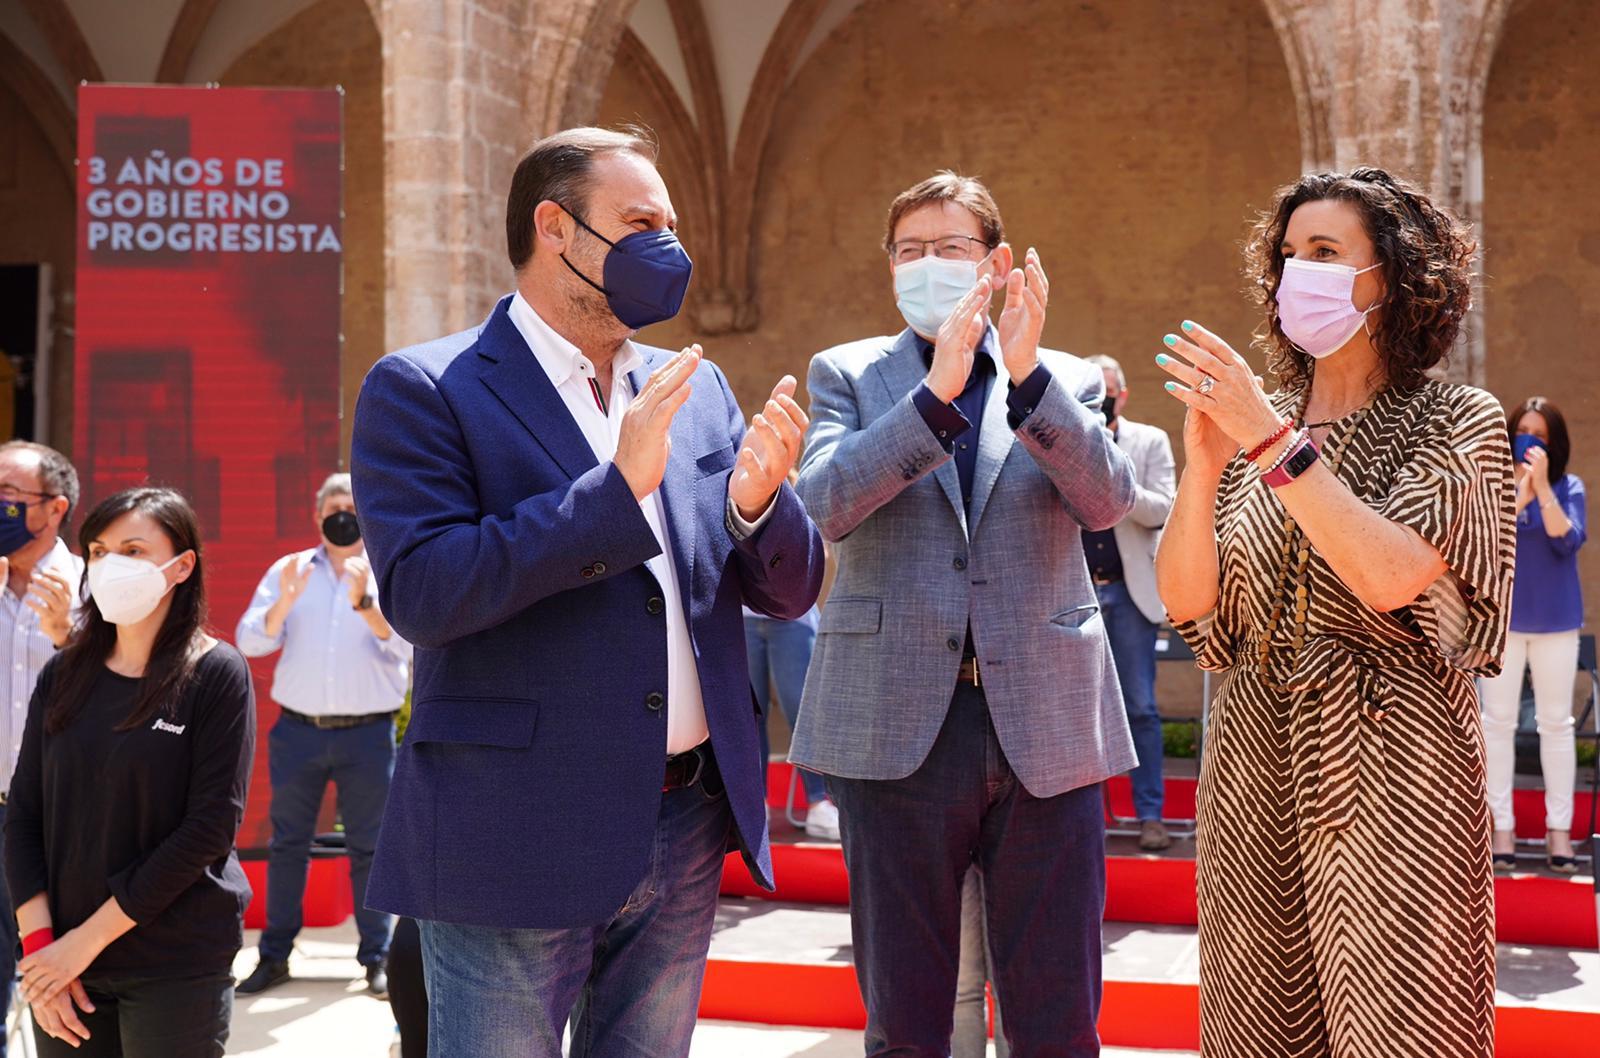 El president de la Generalitat y secretario general del PSPV-PSOE, Ximo Puig, junto con el secretario de Organización del PSOE, José Luis Ábalos y la secretario general del PSPV-PSOE en la provincia de València, Mercedes Caballero.